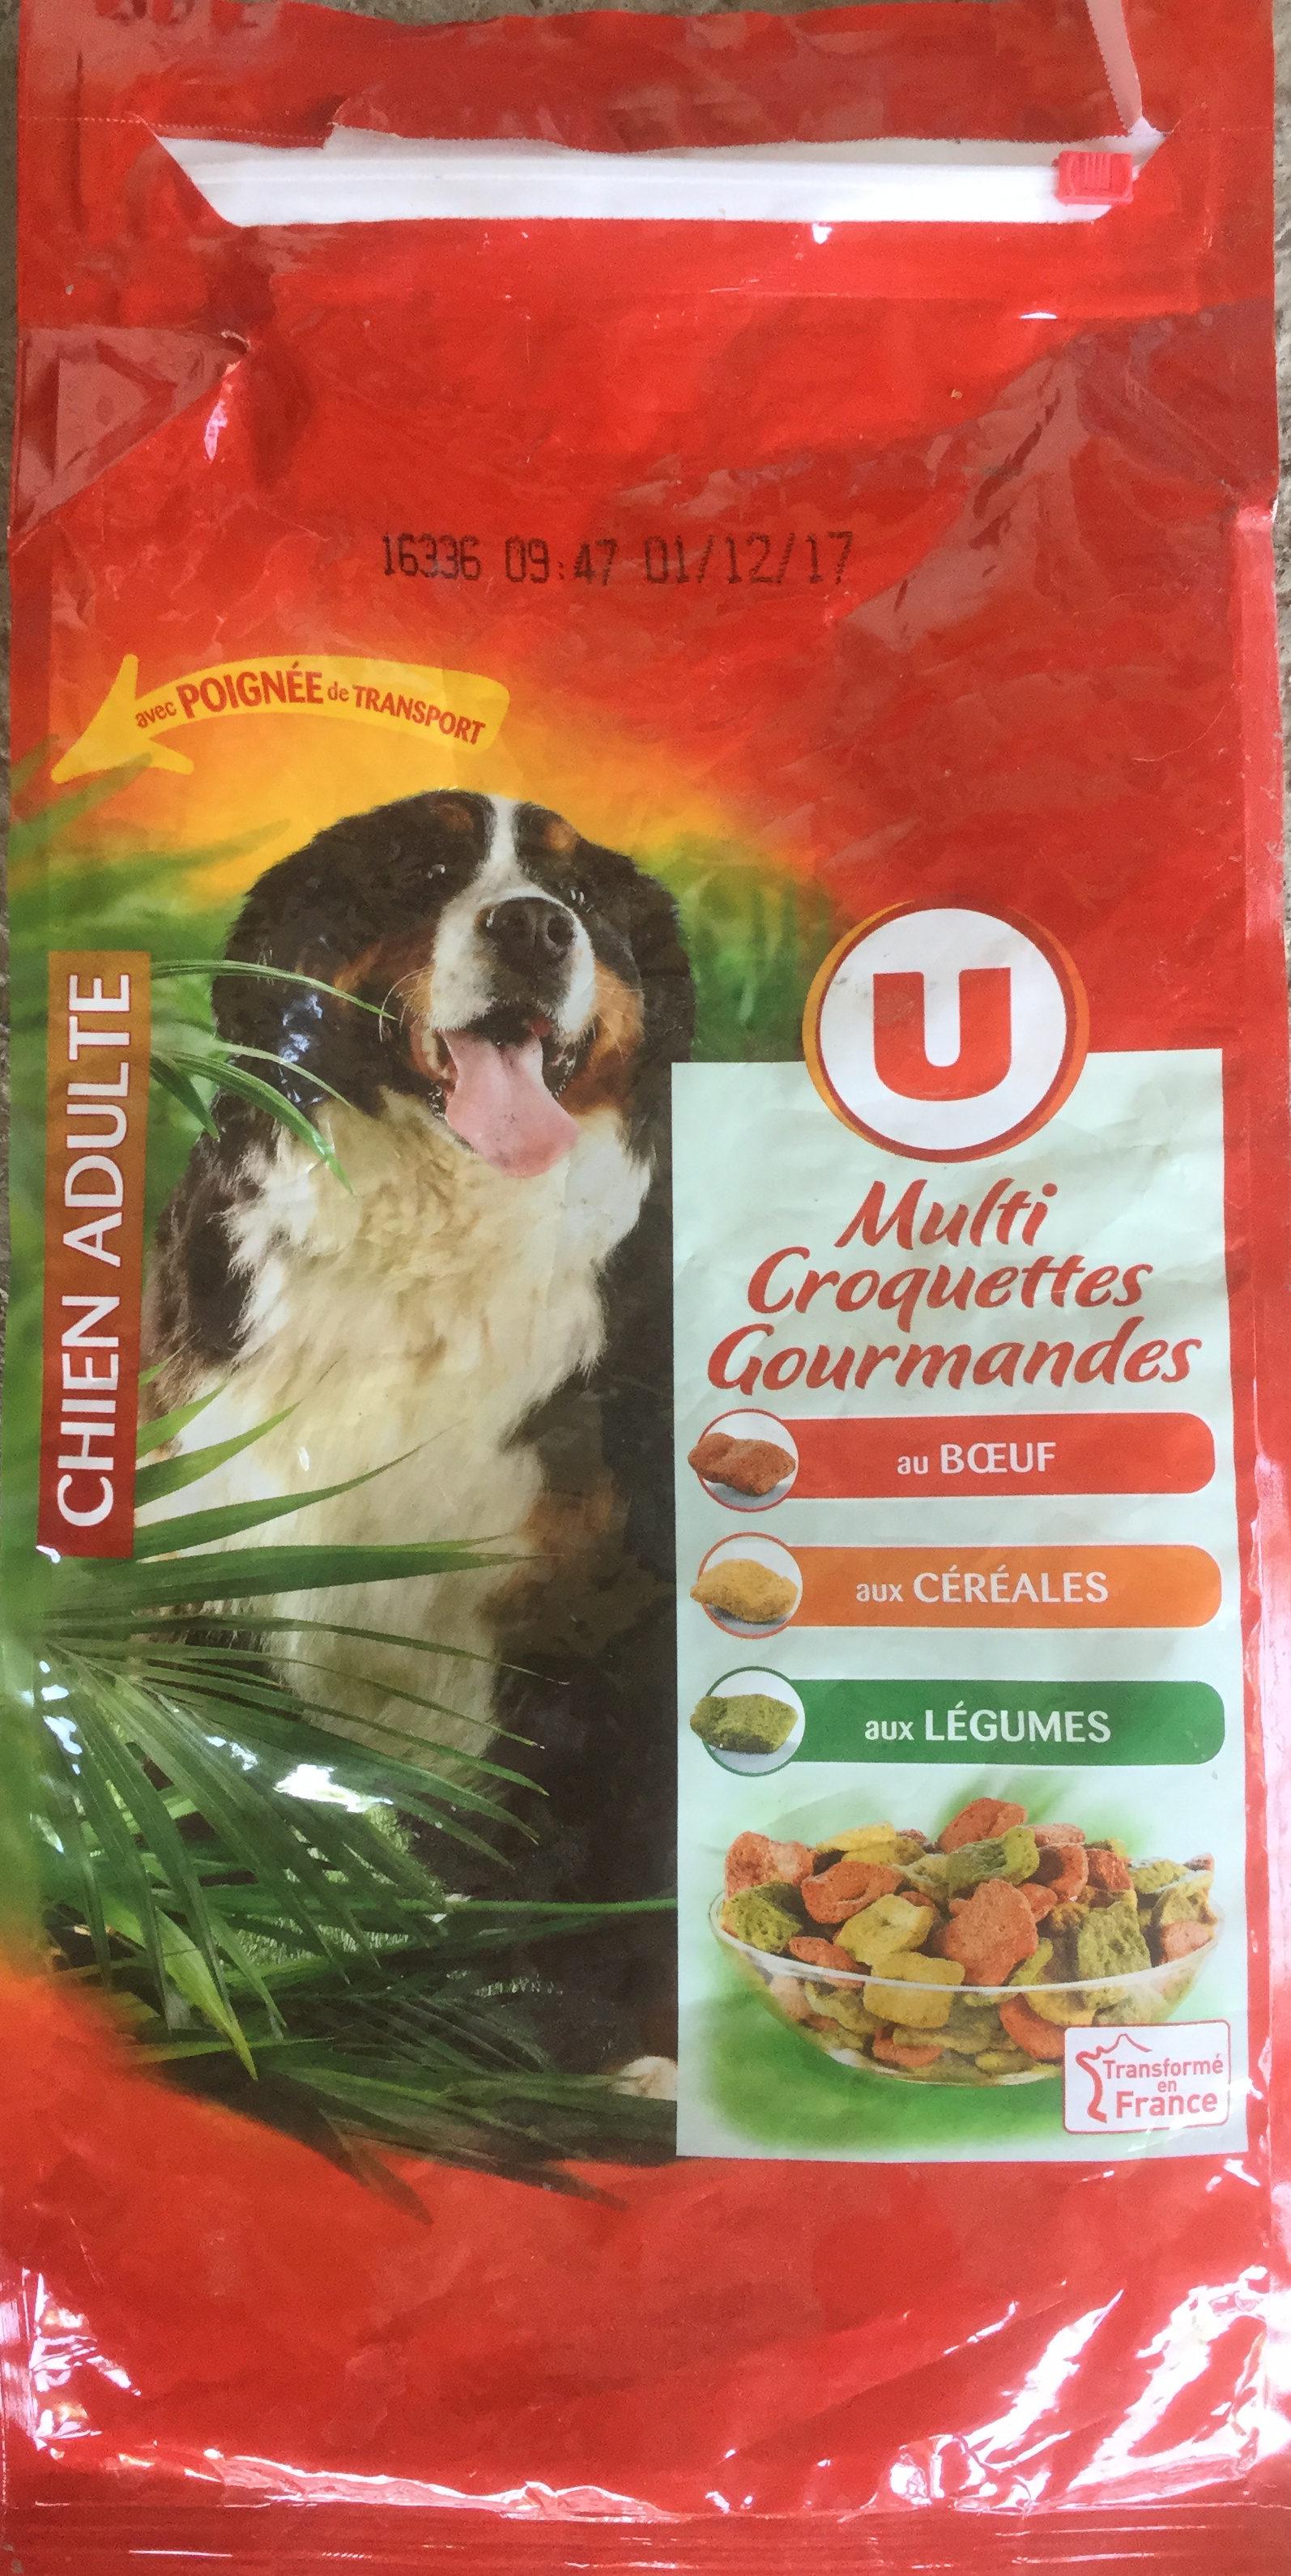 Multi croquettes gourmandes au bœuf, aux céréales, aux légumes - Product - fr